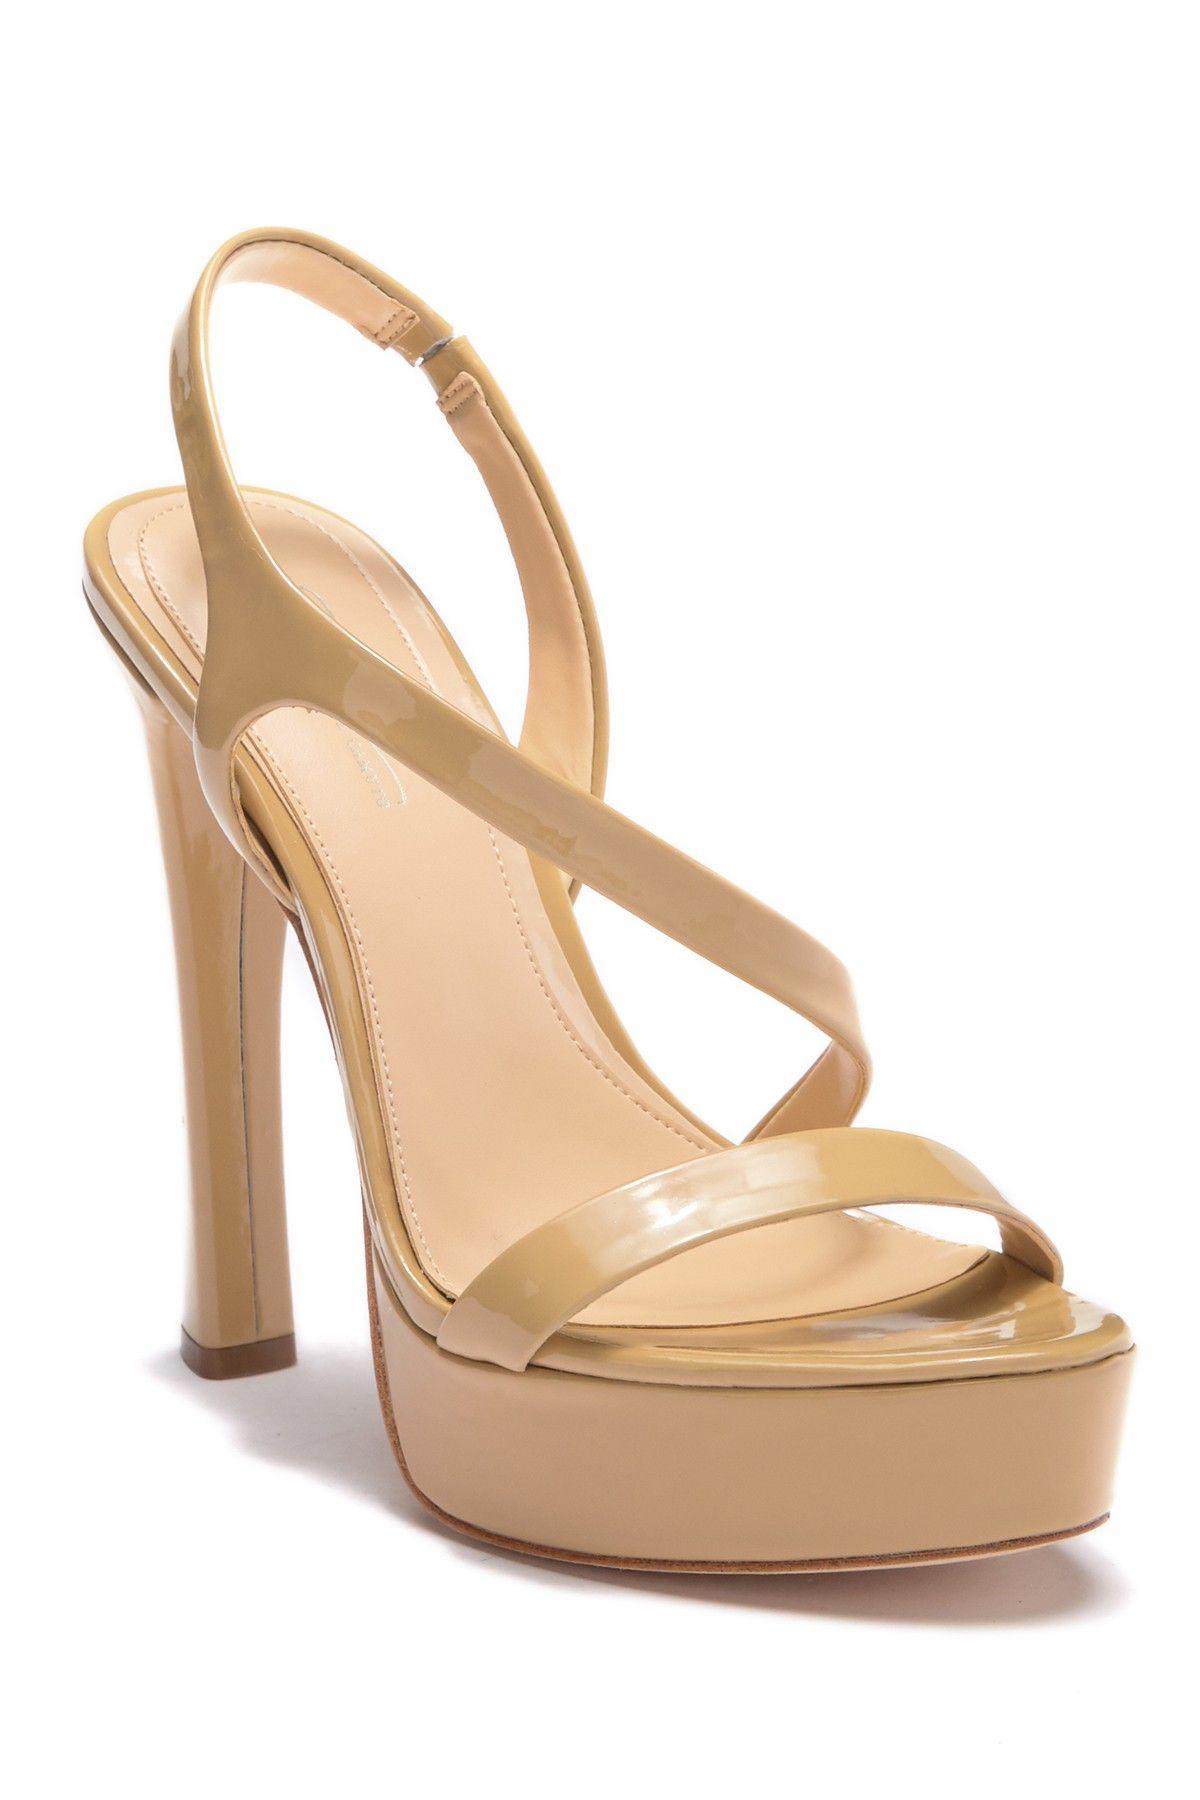 Platform sandals, Imagine vince camuto